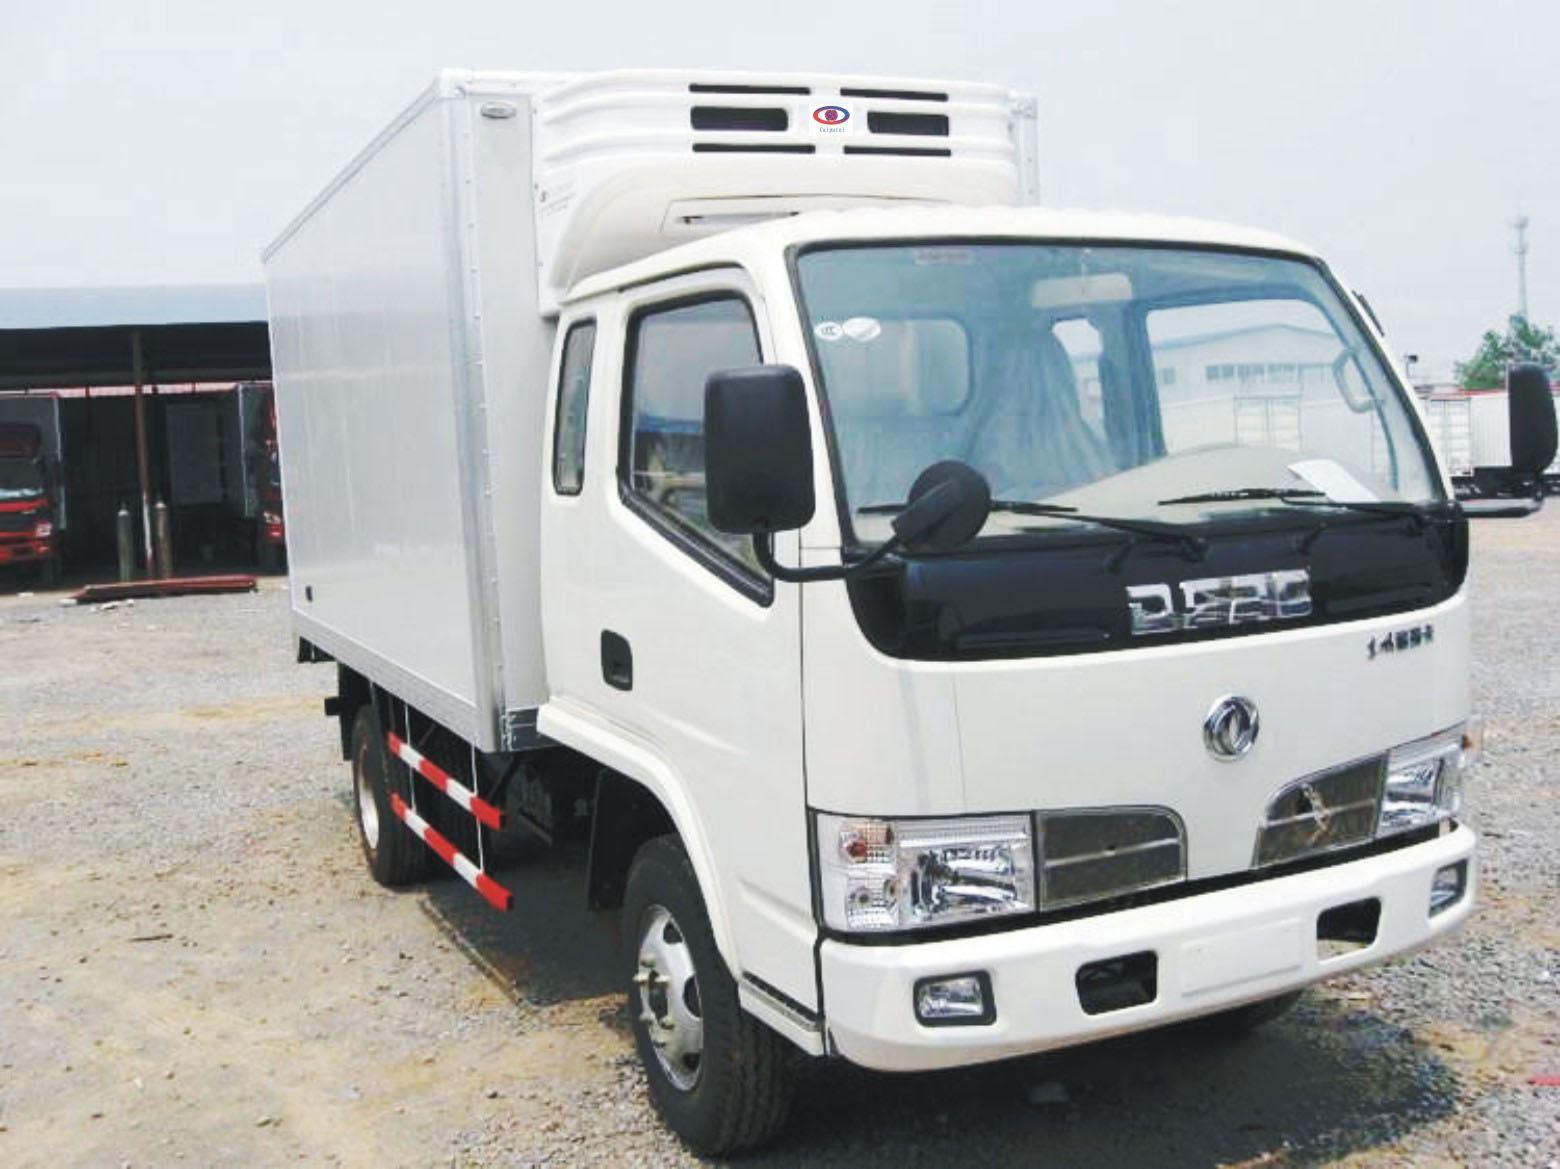 冷藏车 制冷机组 汽车空调 北京北汽浦惠汽